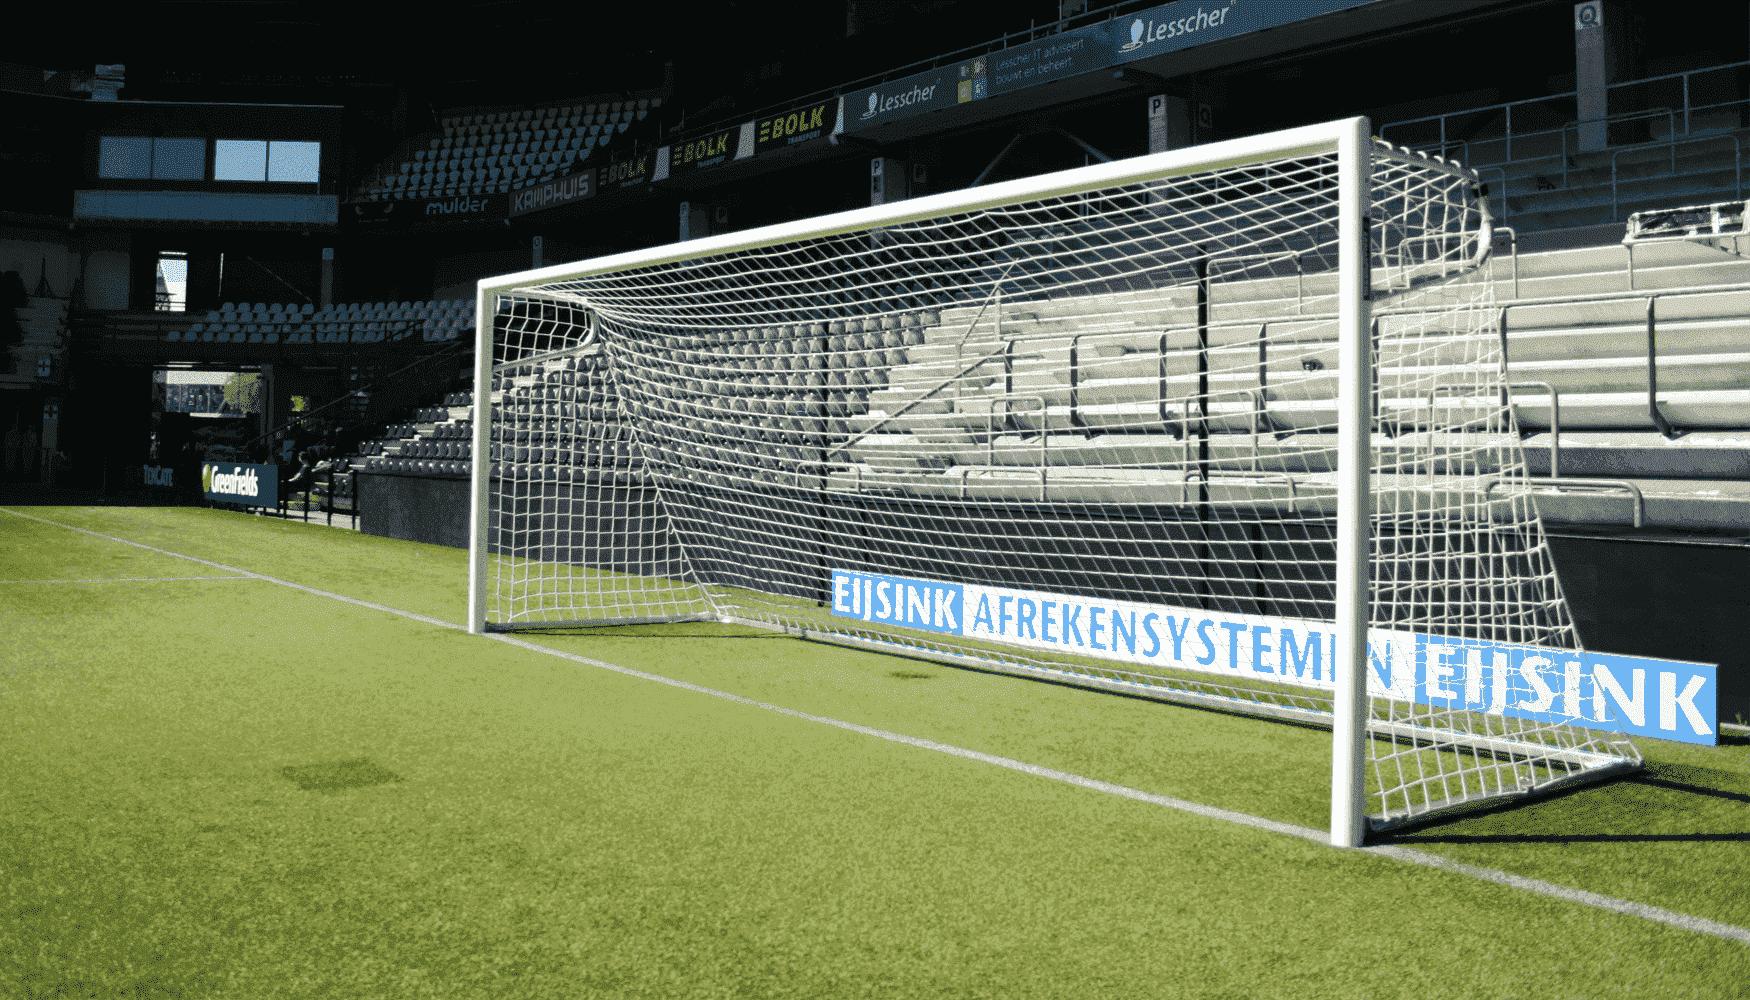 Hoe groot is een doel bij voetbal?